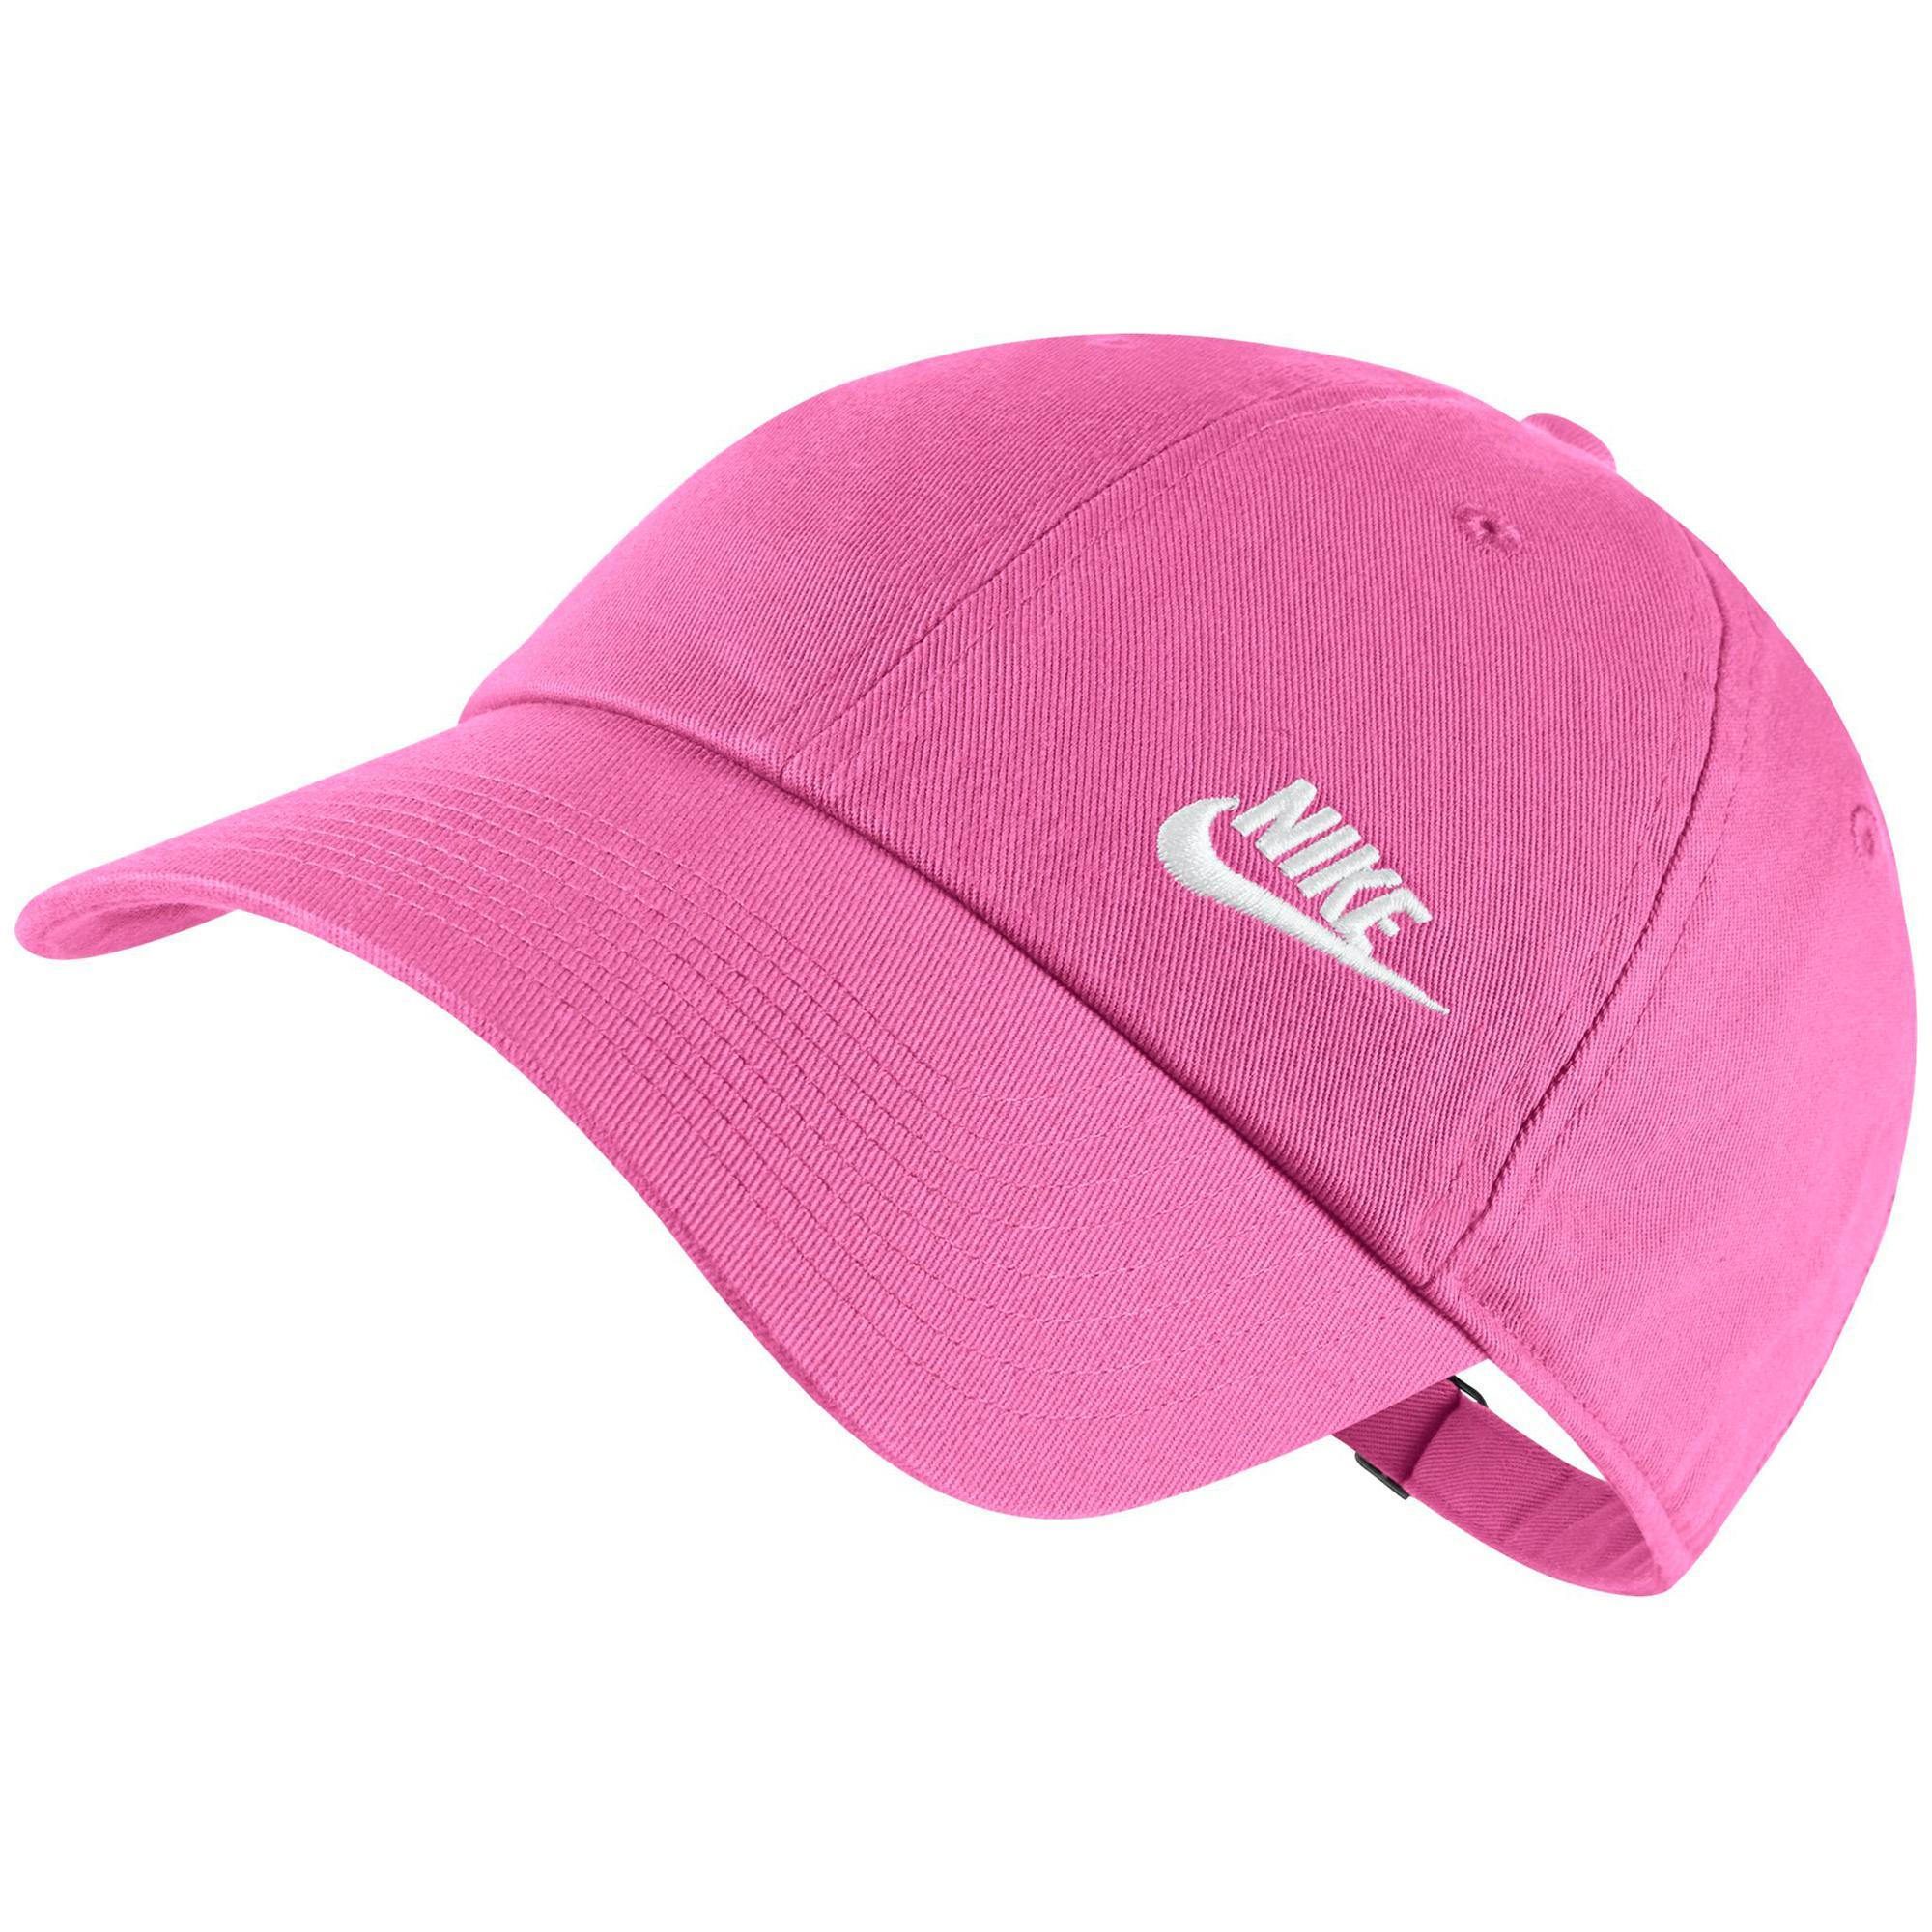 Nike Womens Futura H86 Adjustable Cap - Pinkfire II - Tennisnuts.com 866501266988